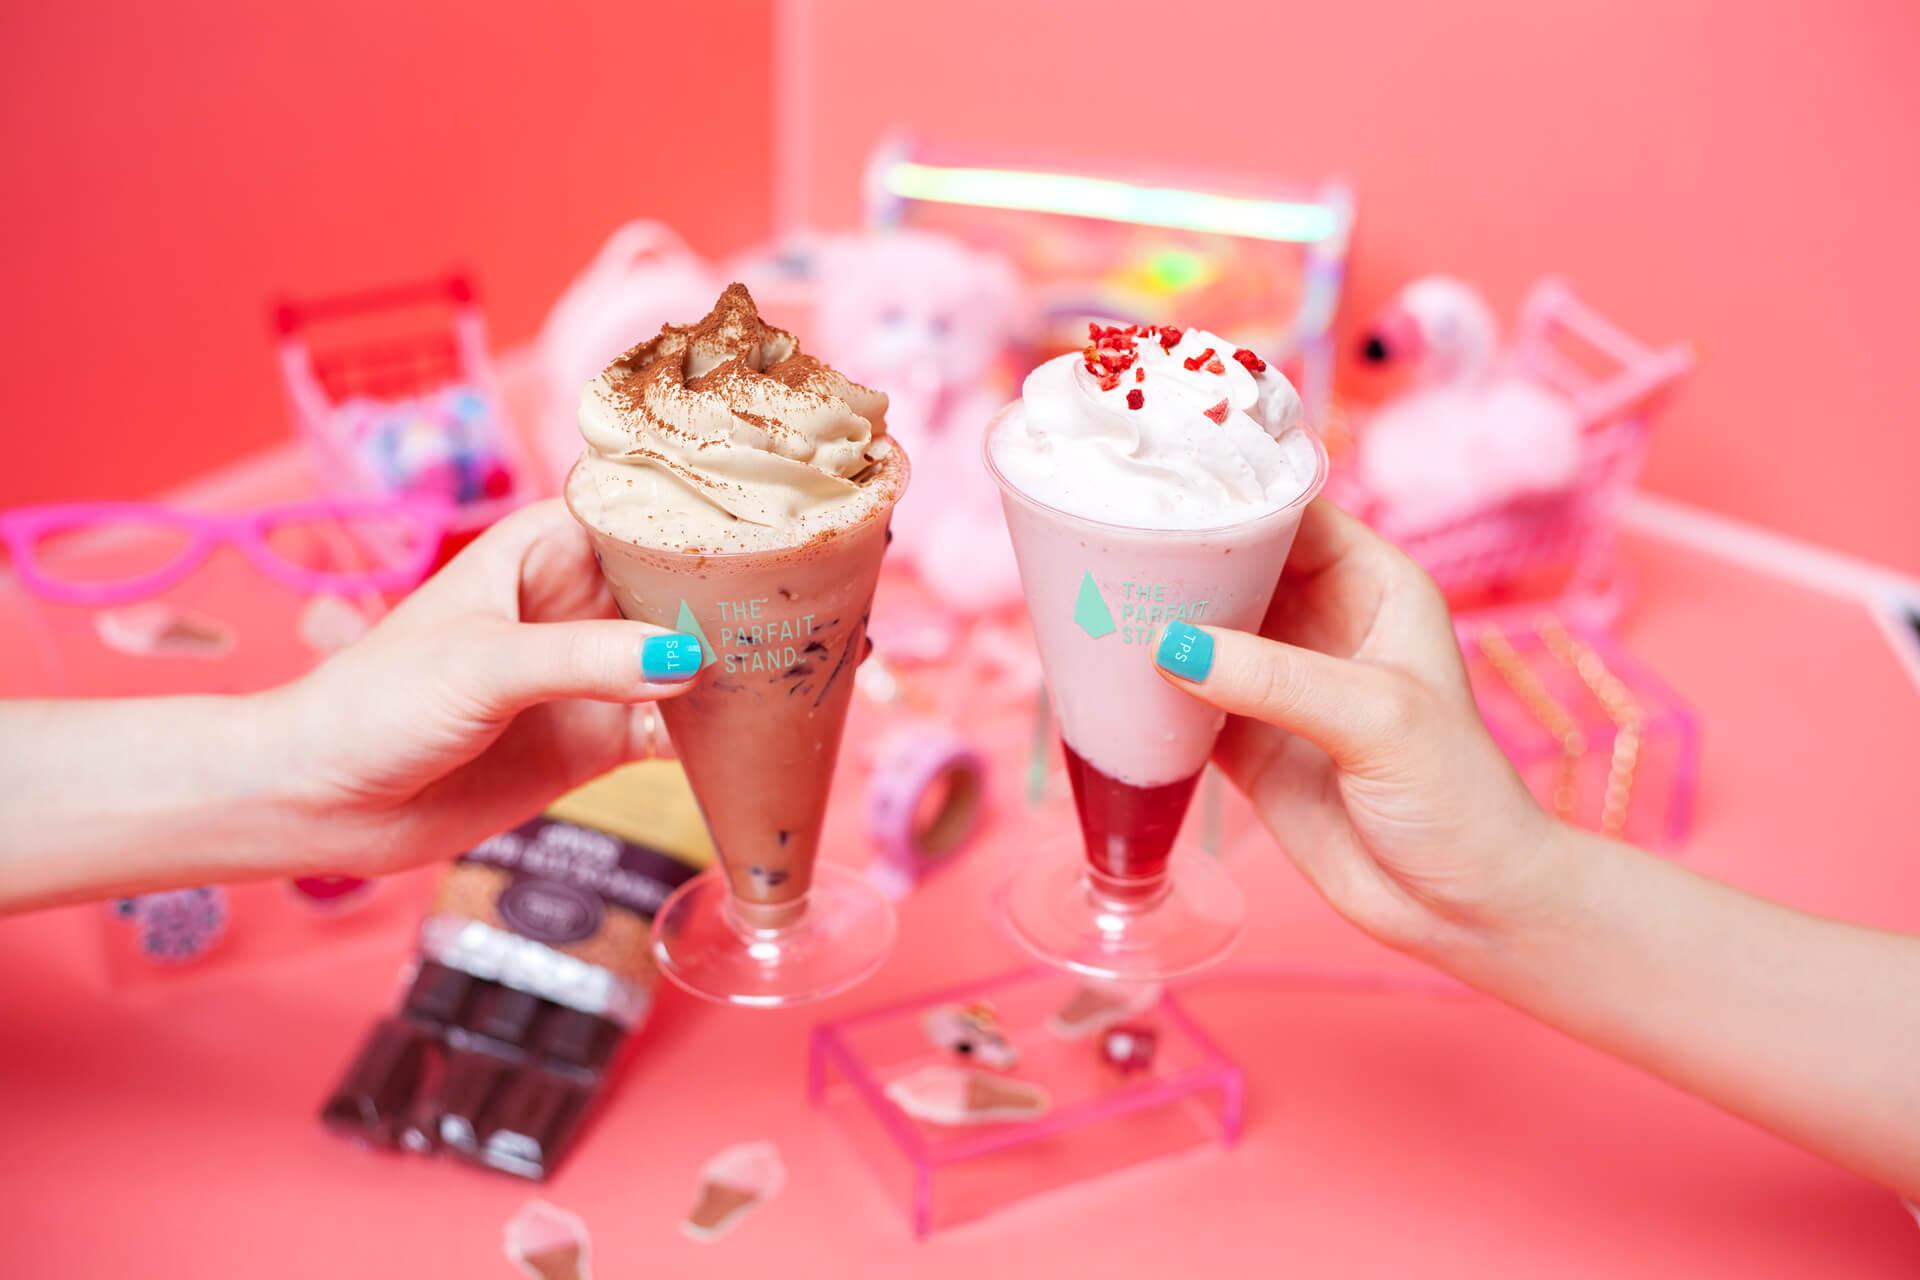 原宿聖代專賣店「THE PARFAIT STAND」推出喝的聖代登場! 在原宿、甜點、